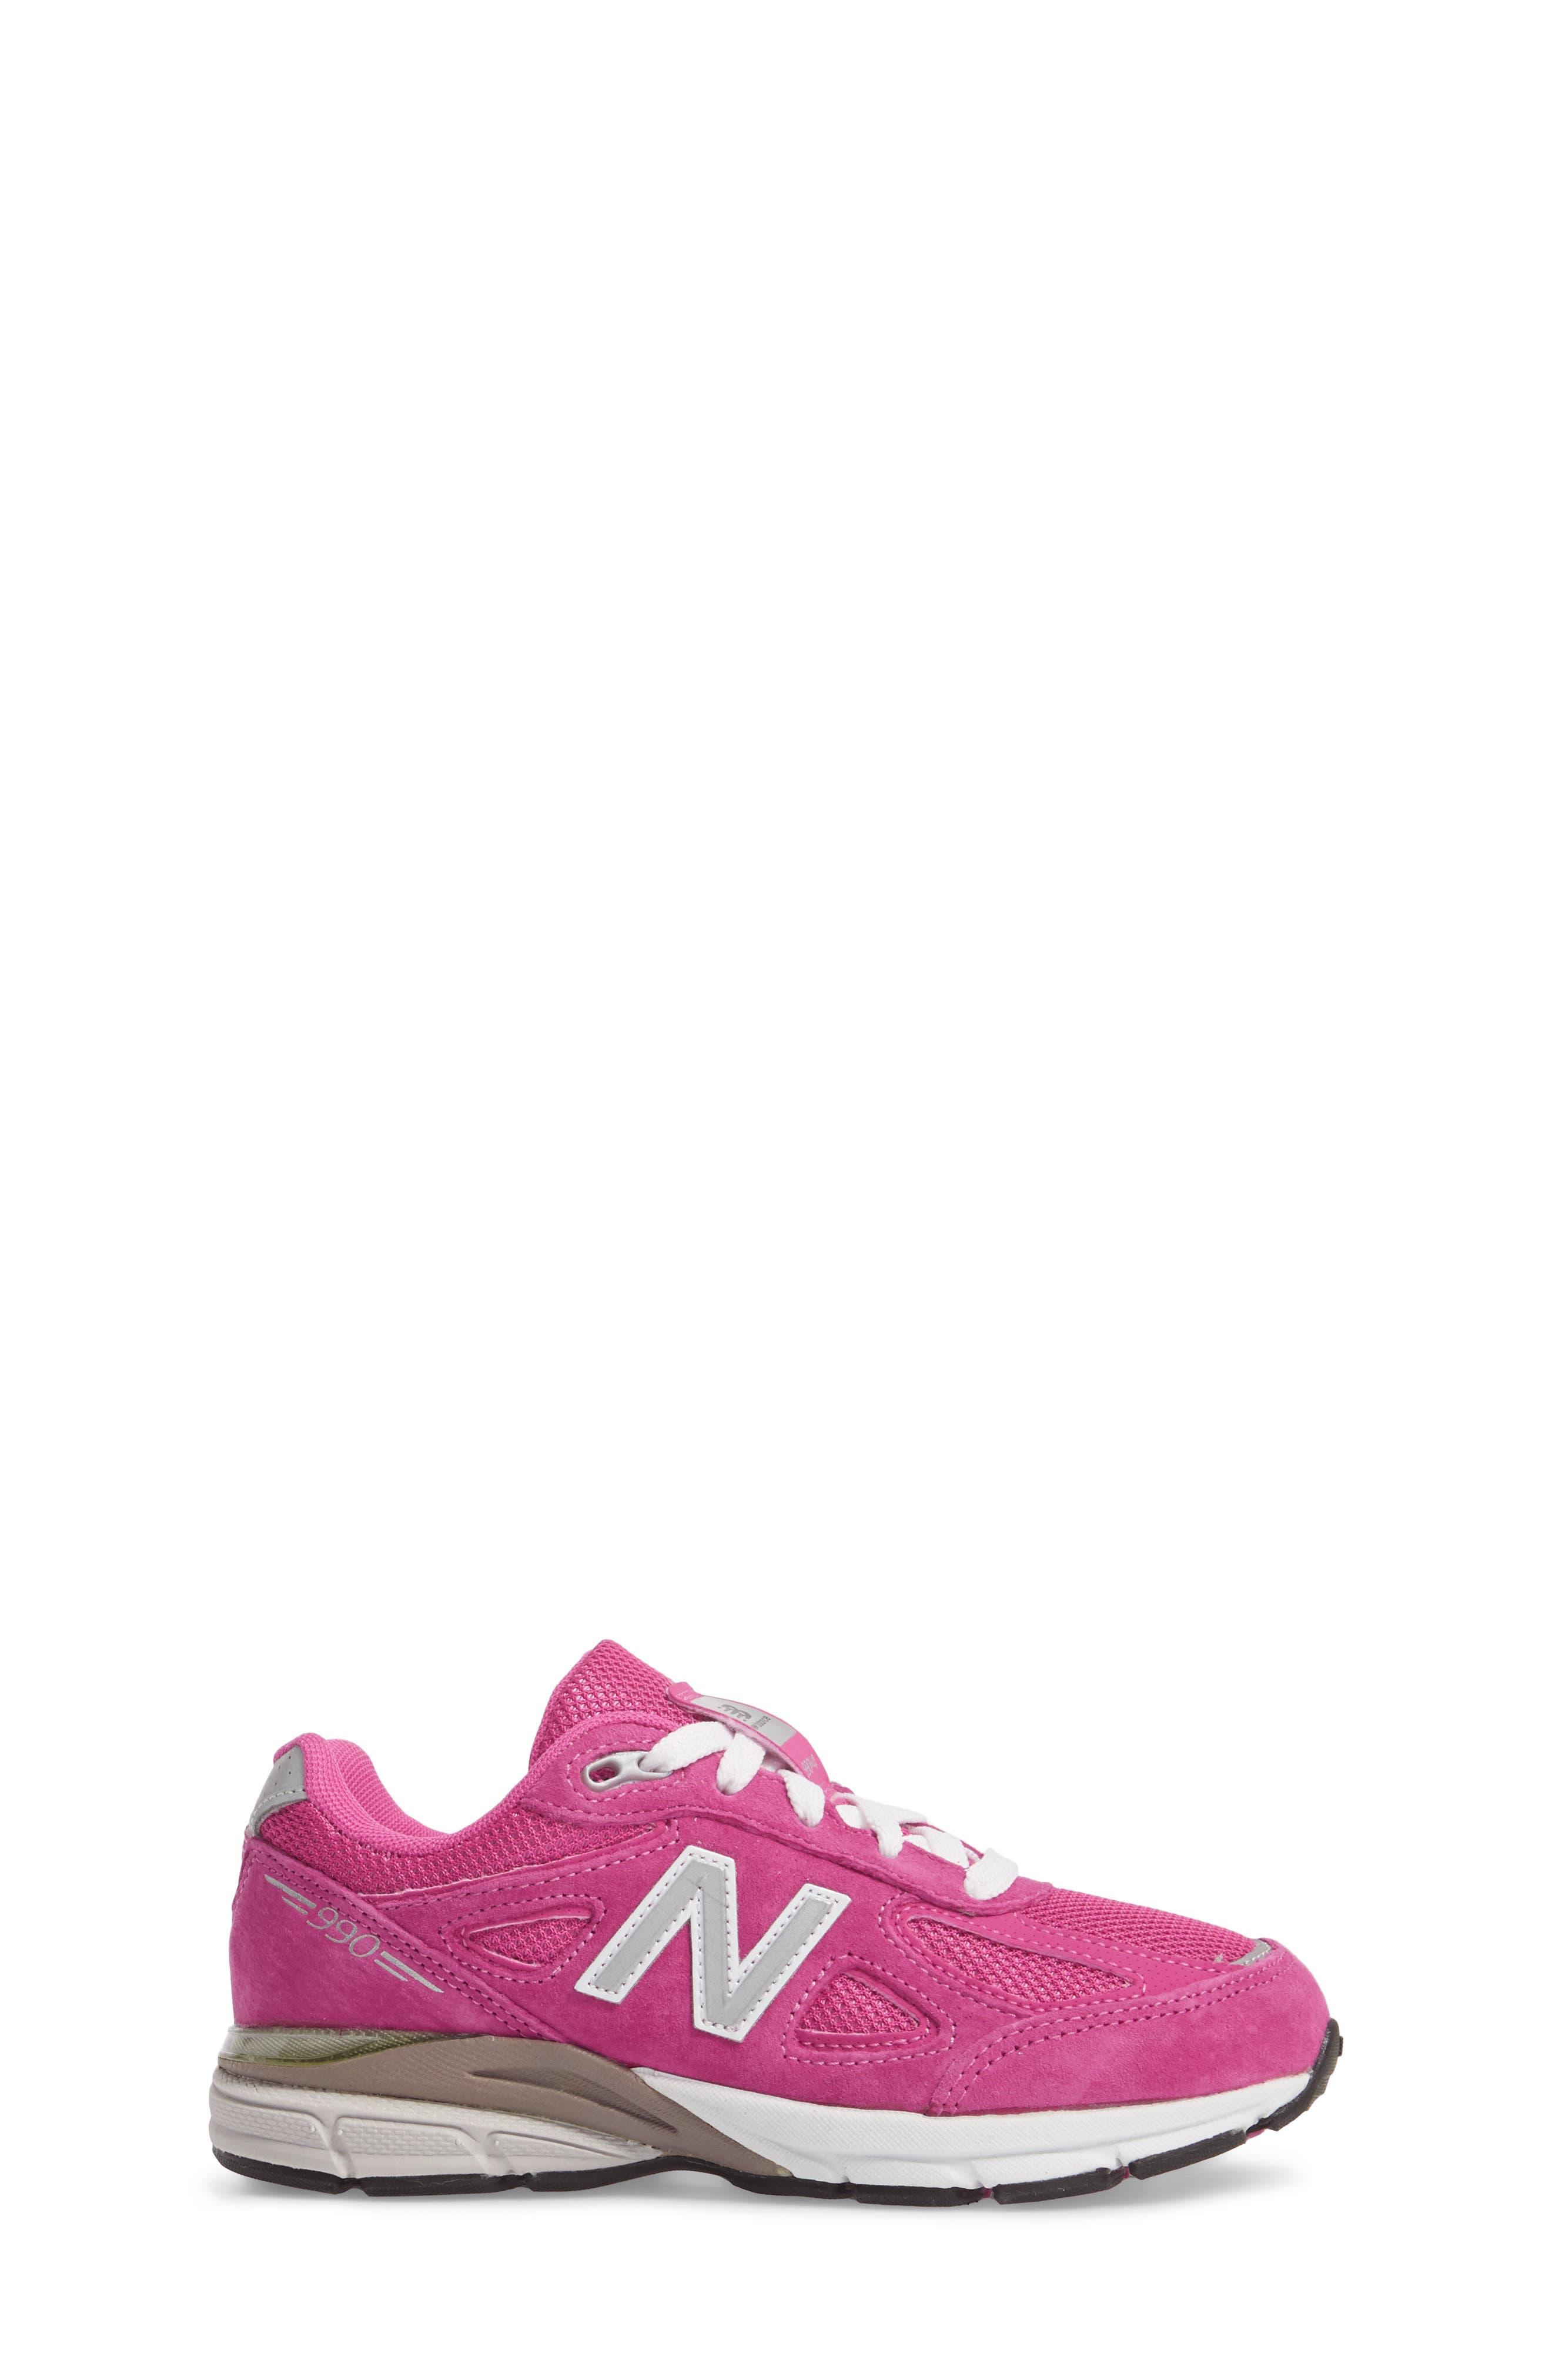 990v4 Sneaker,                             Alternate thumbnail 3, color,                             660